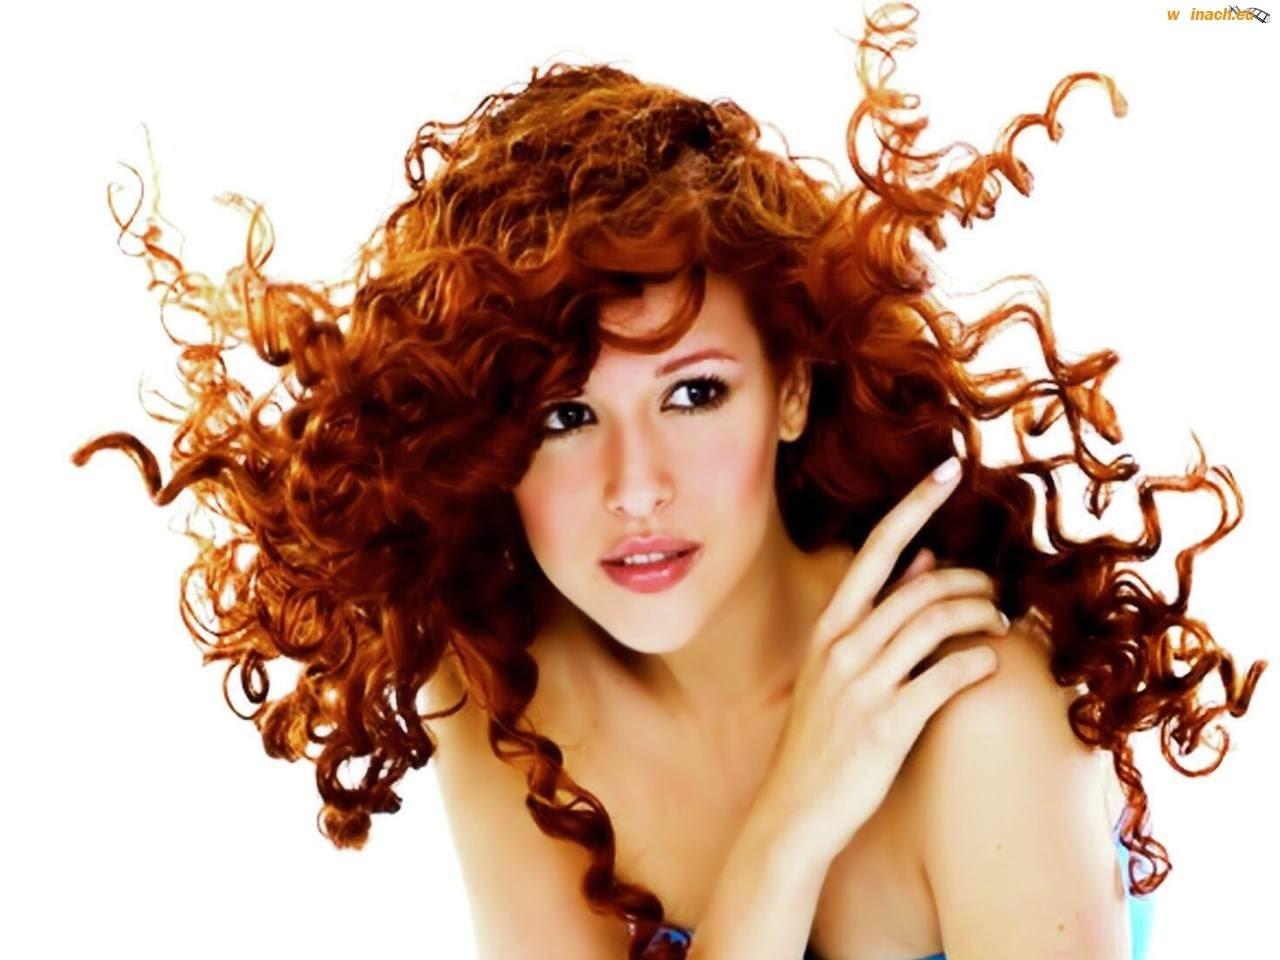 Jak nakładać wcierkę na włosy – 4 propozycje